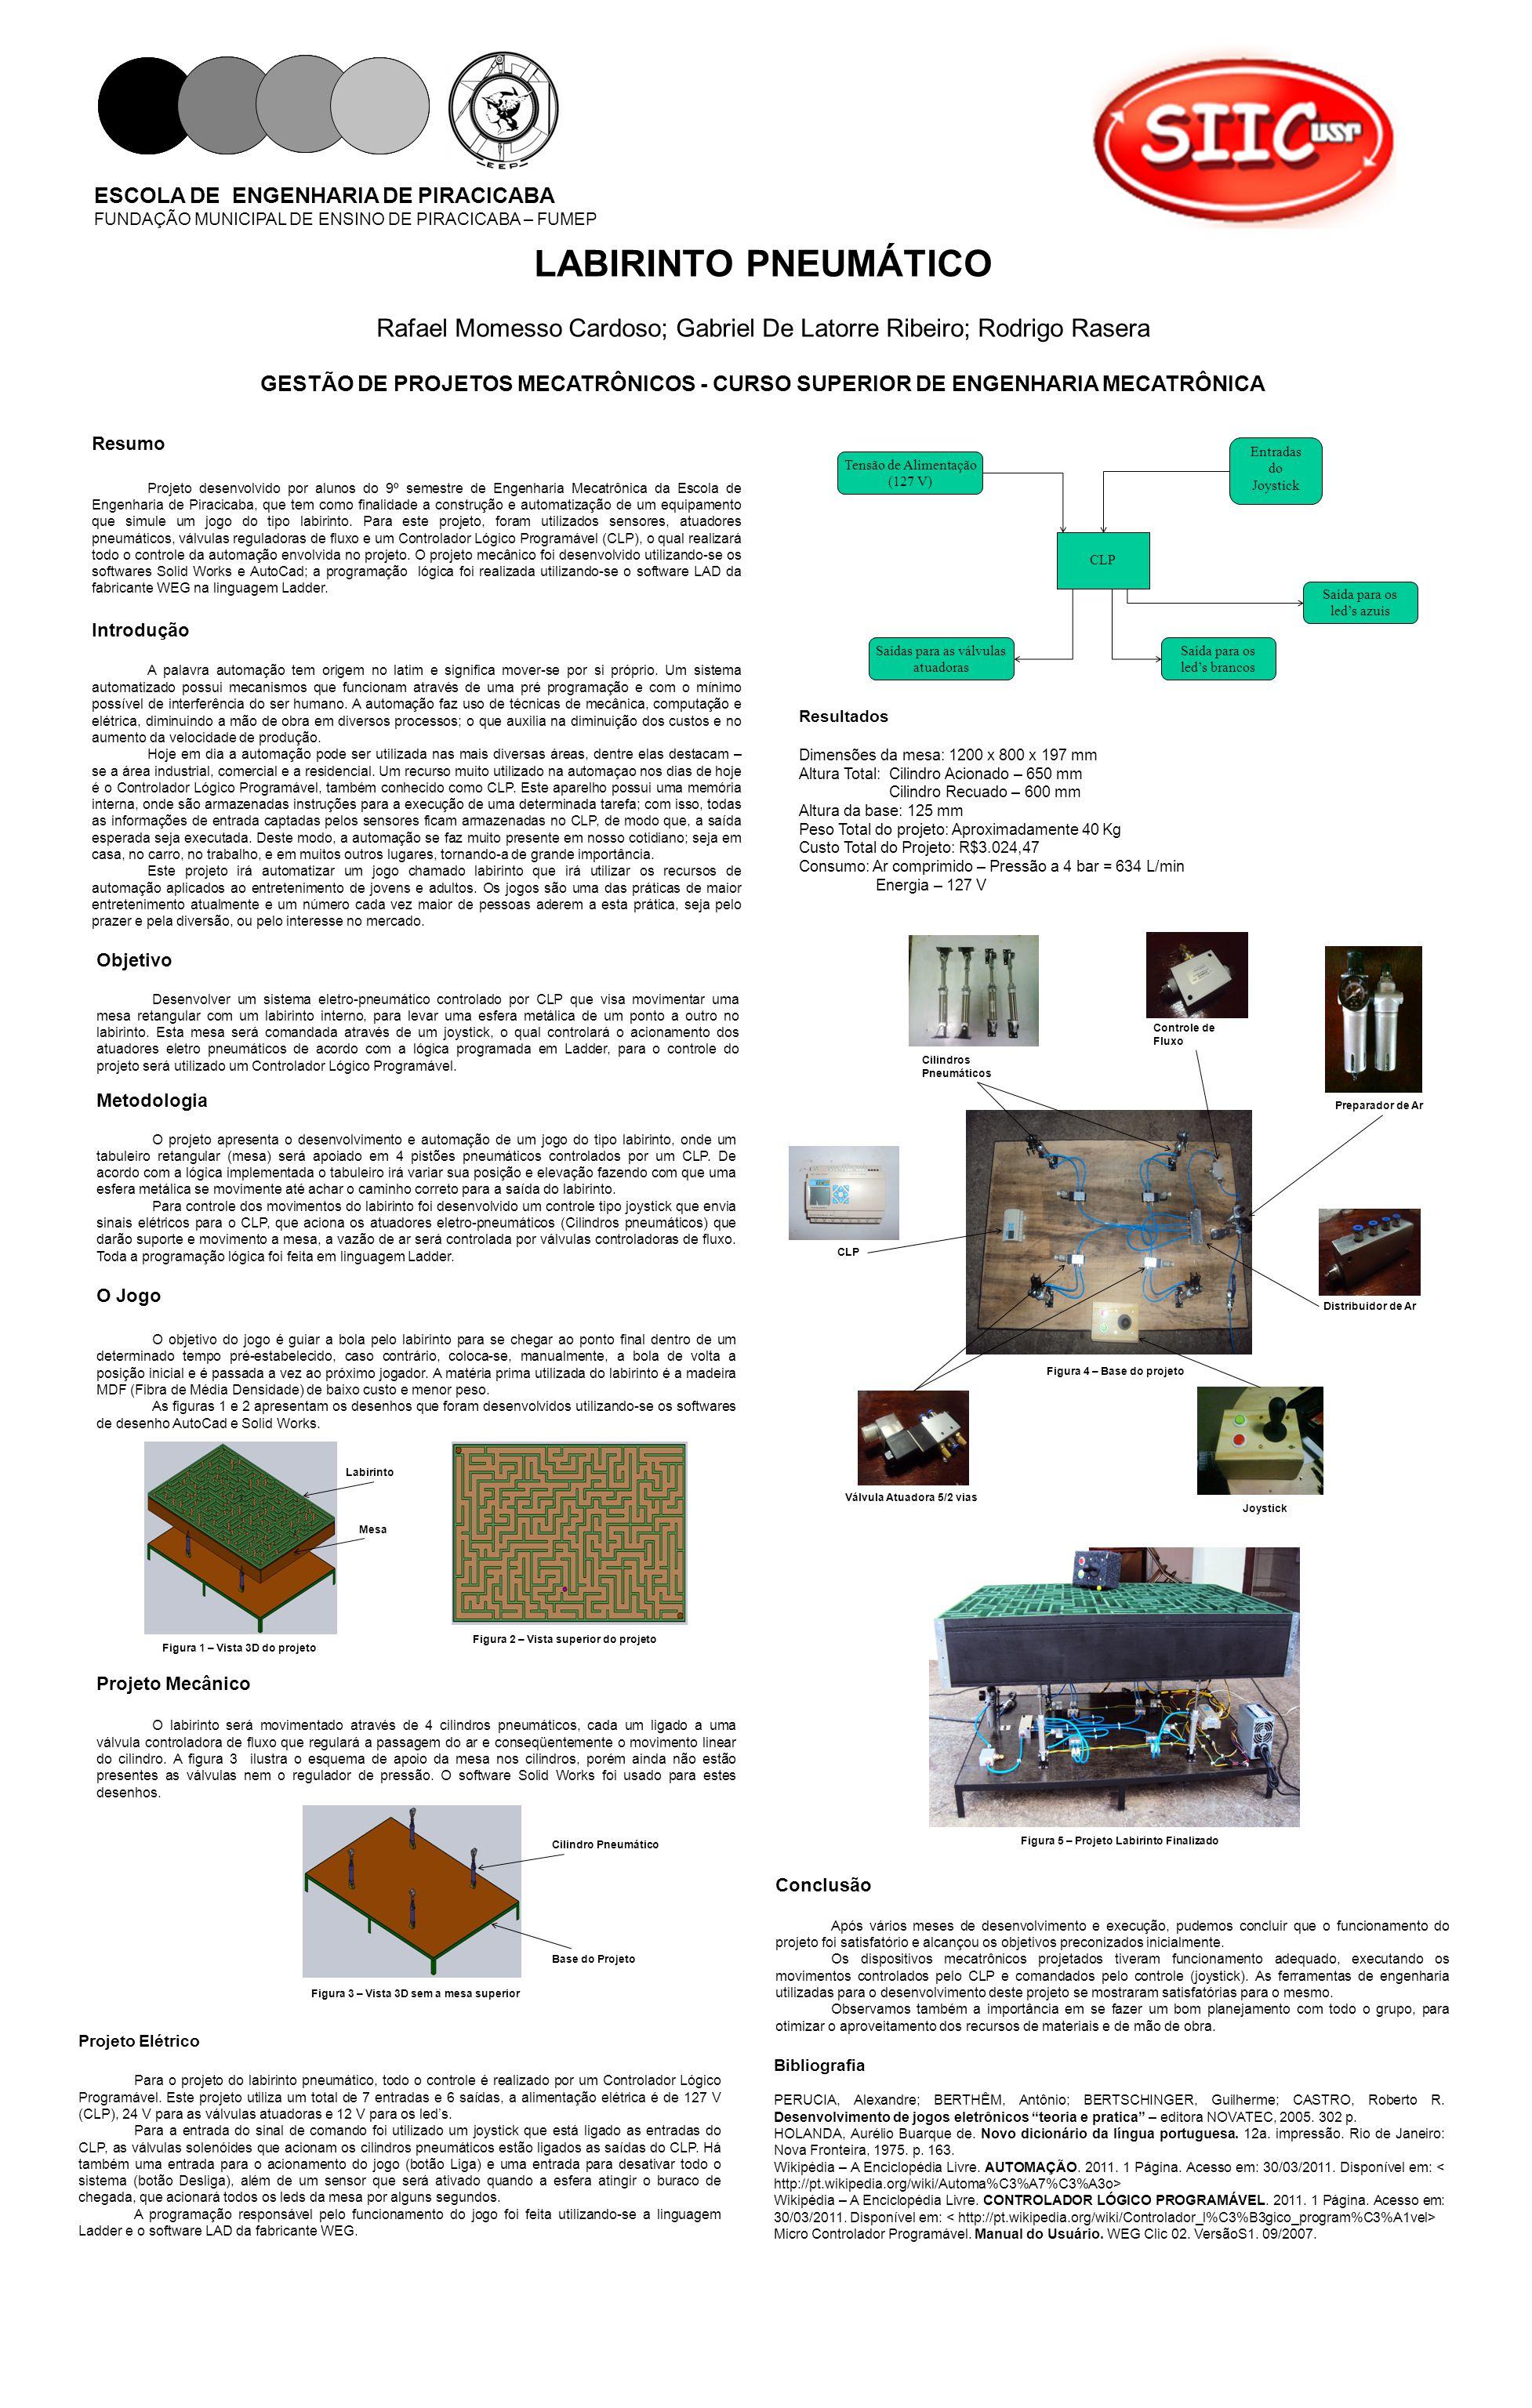 Resumo Projeto desenvolvido por alunos do 9º semestre de Engenharia Mecatrônica da Escola de Engenharia de Piracicaba, que tem como finalidade a construção e automatização de um equipamento que simule um jogo do tipo labirinto.